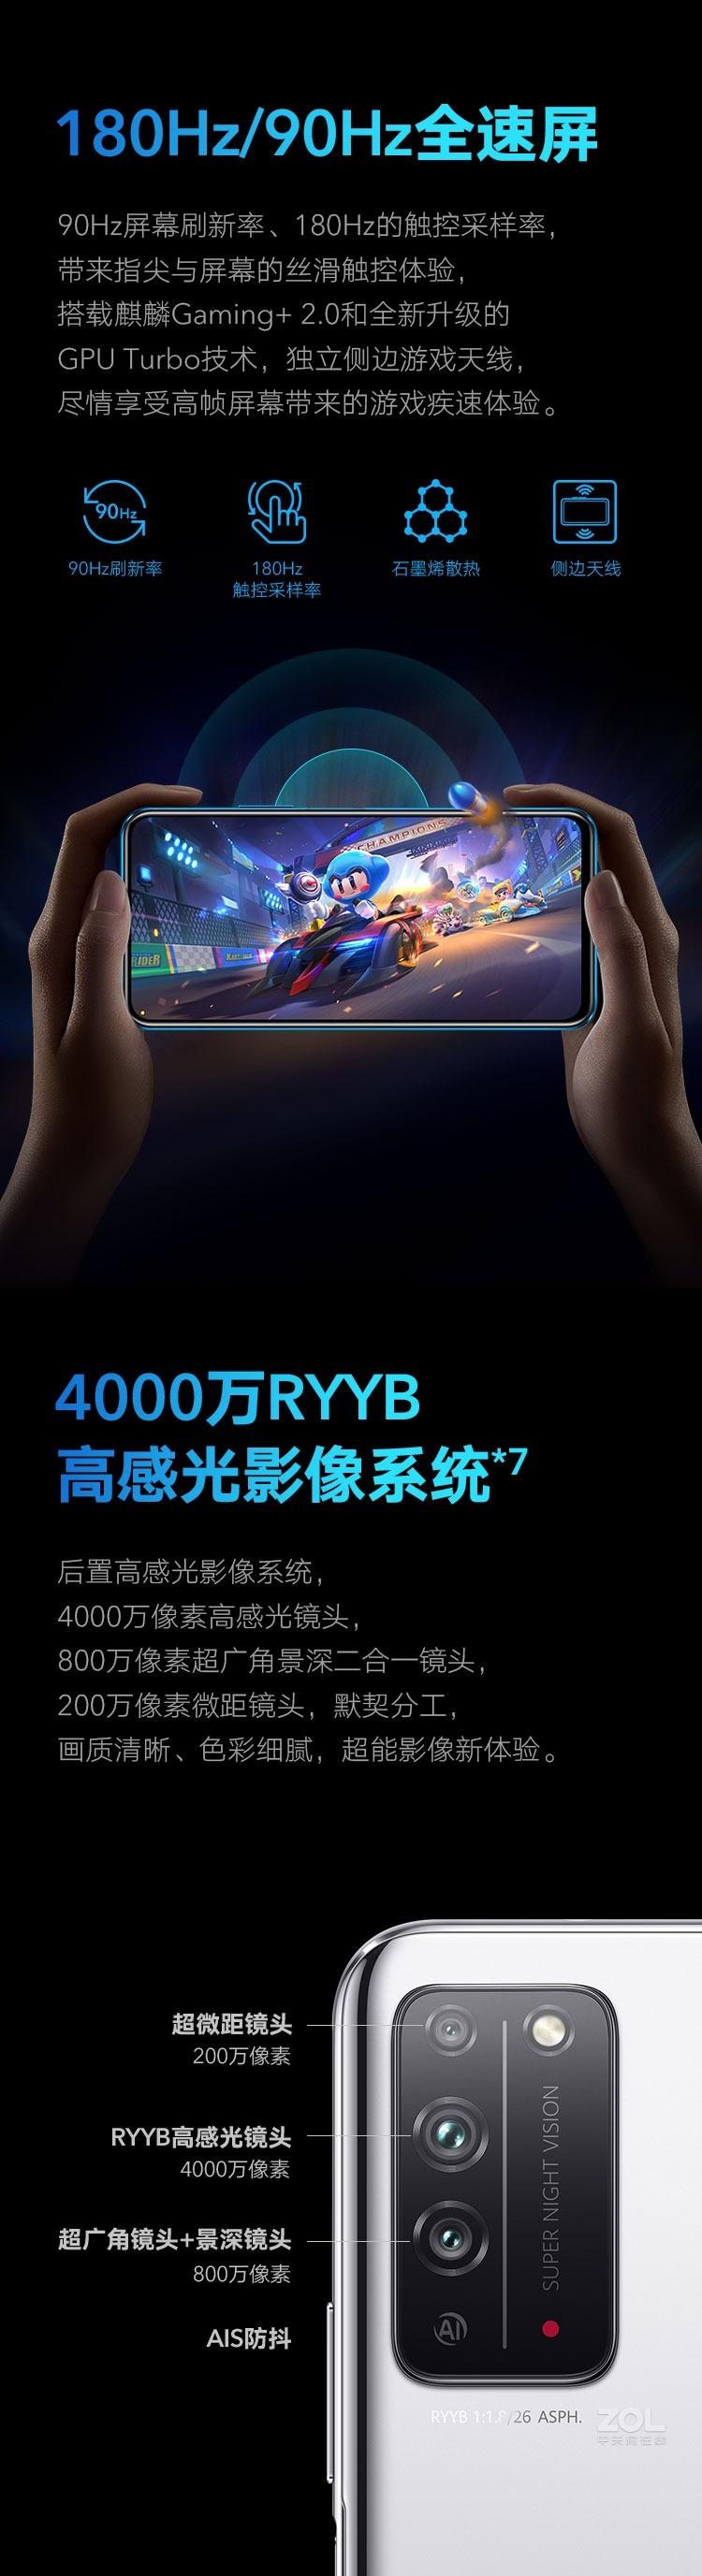 荣耀X10(6GB/128GB/全网通/5G版)评测图解产品亮点图片3